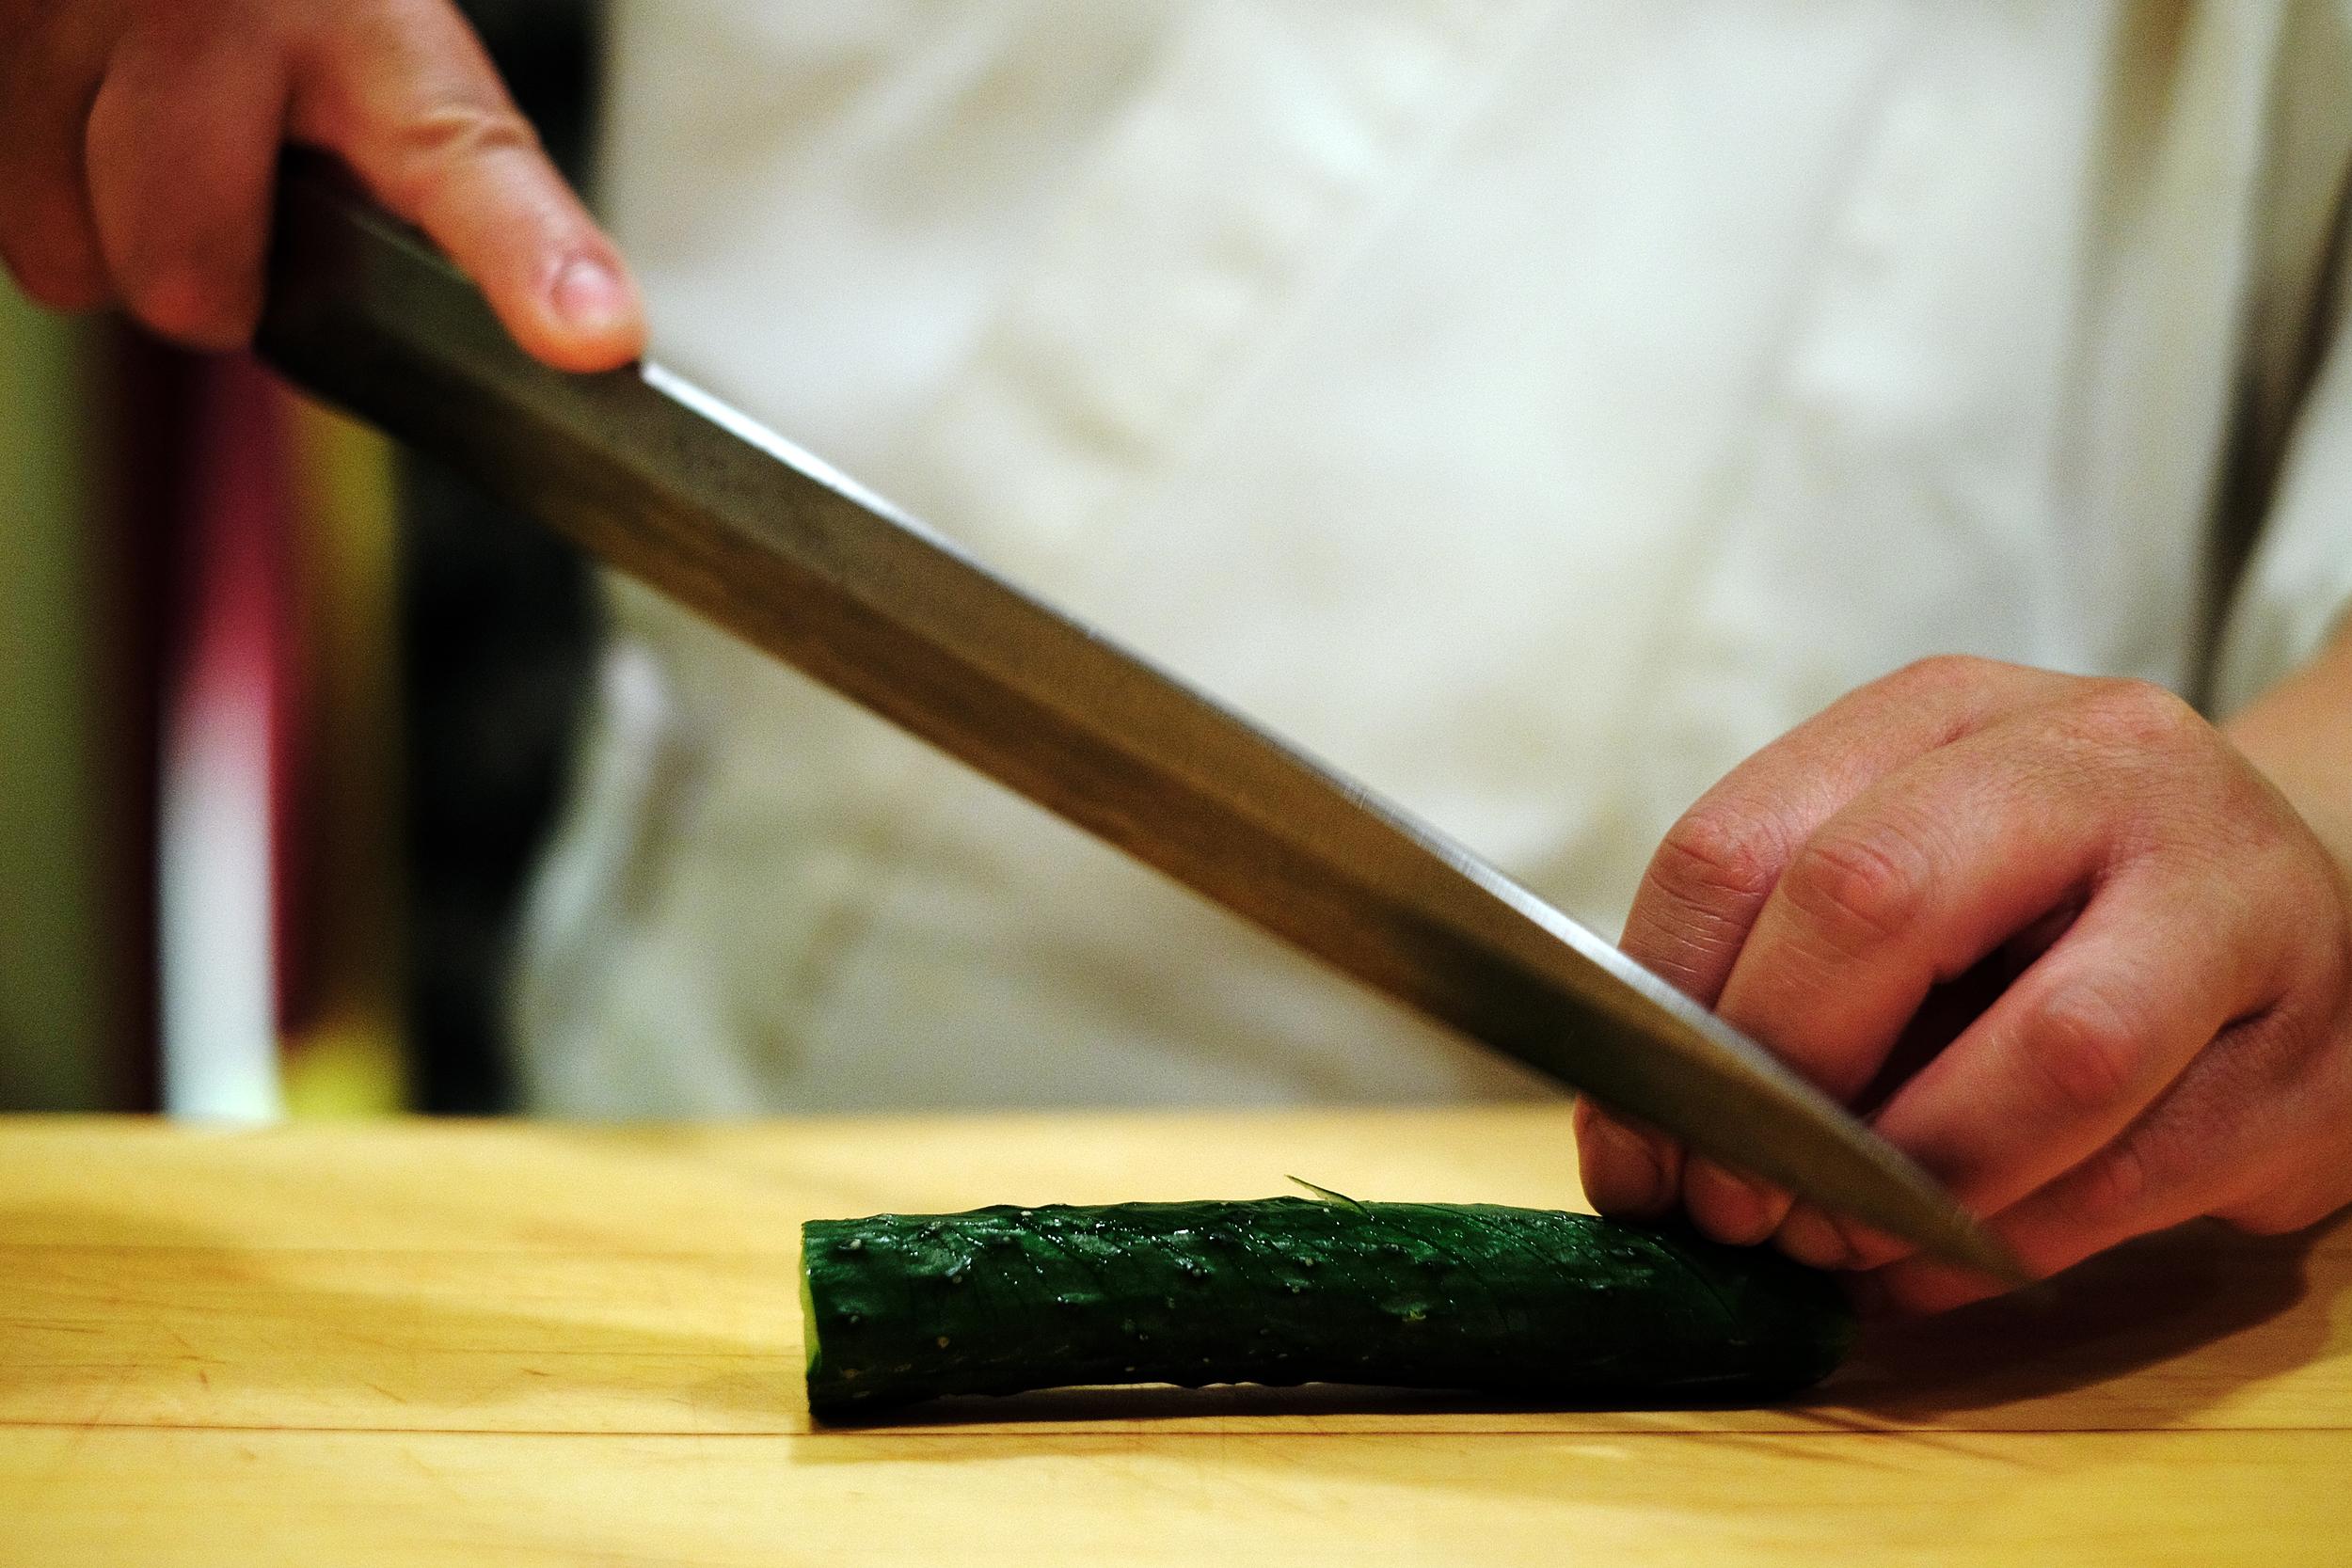 1. 以刀子啄小黃瓜的感覺,連續地斜切整根小黃瓜(不切斷), 一個面處理好後,其餘  三至四個面都要重復同樣的動作  ,每個面的切點  會有彼此  交插切到